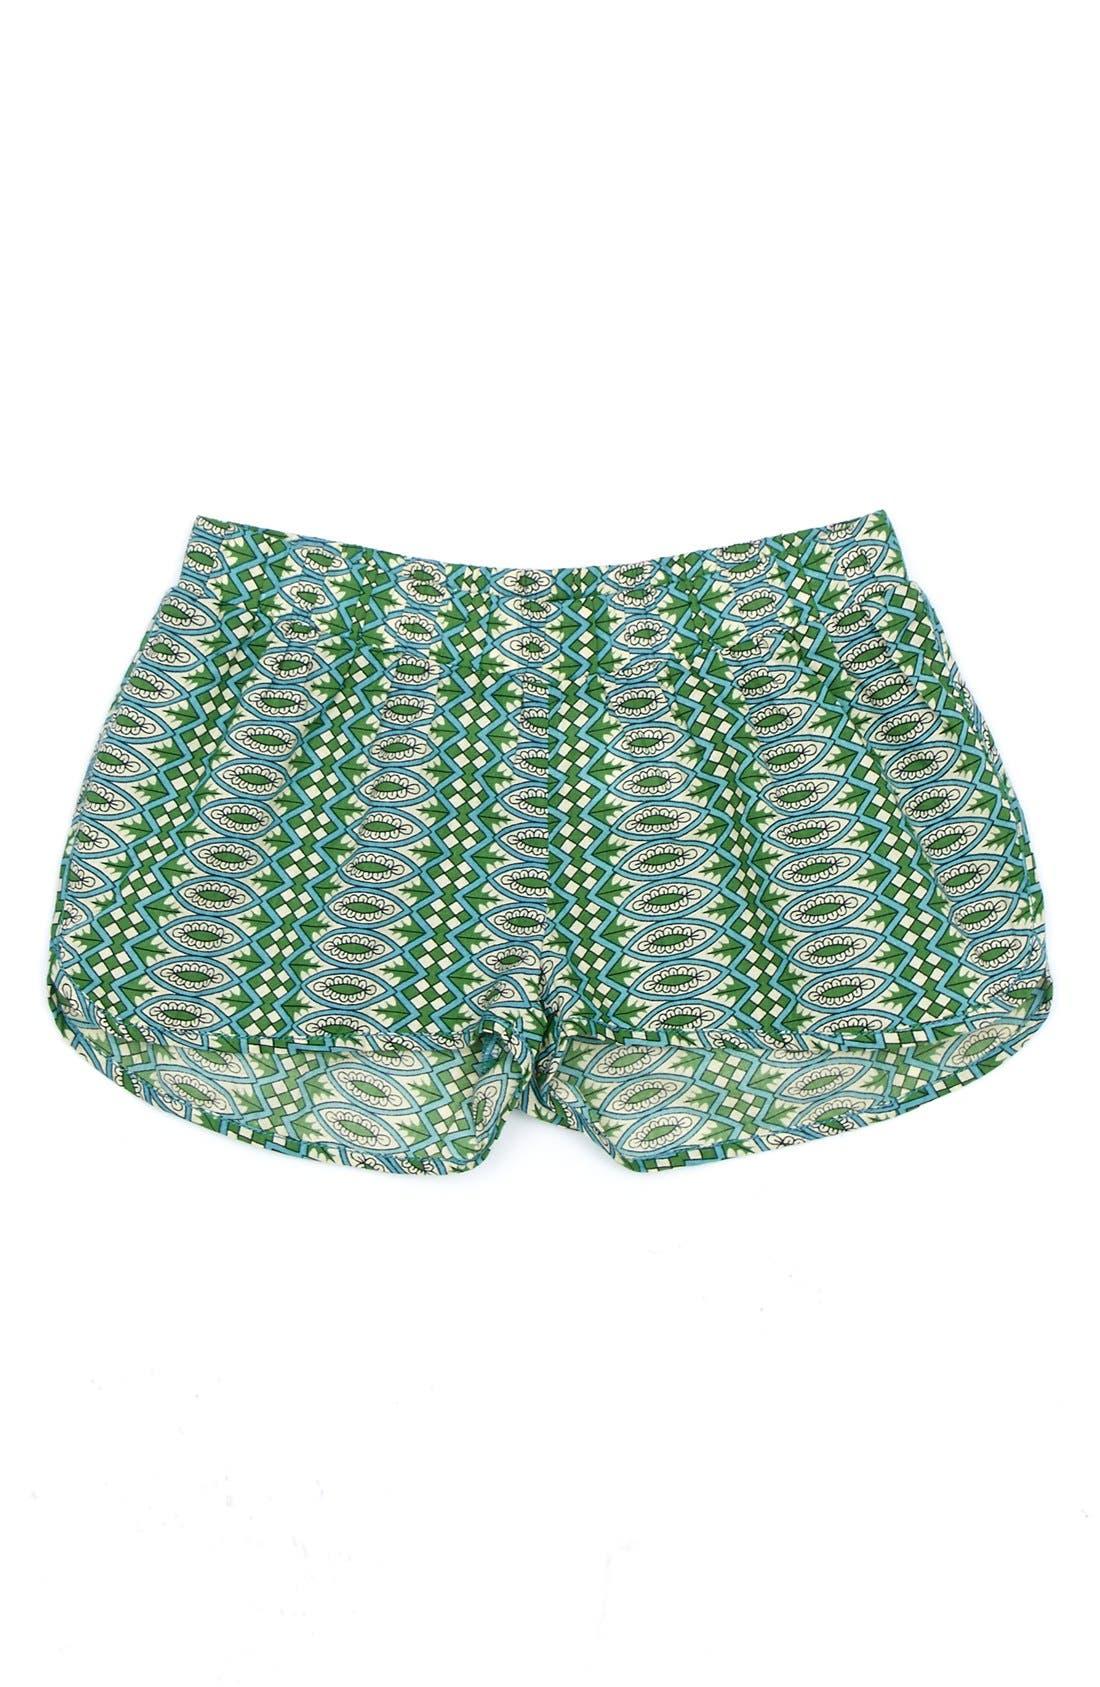 Main Image - Peek 'Medallion Spring' Cotton Shorts (Toddler Girls, Little Girls & Big Girls)